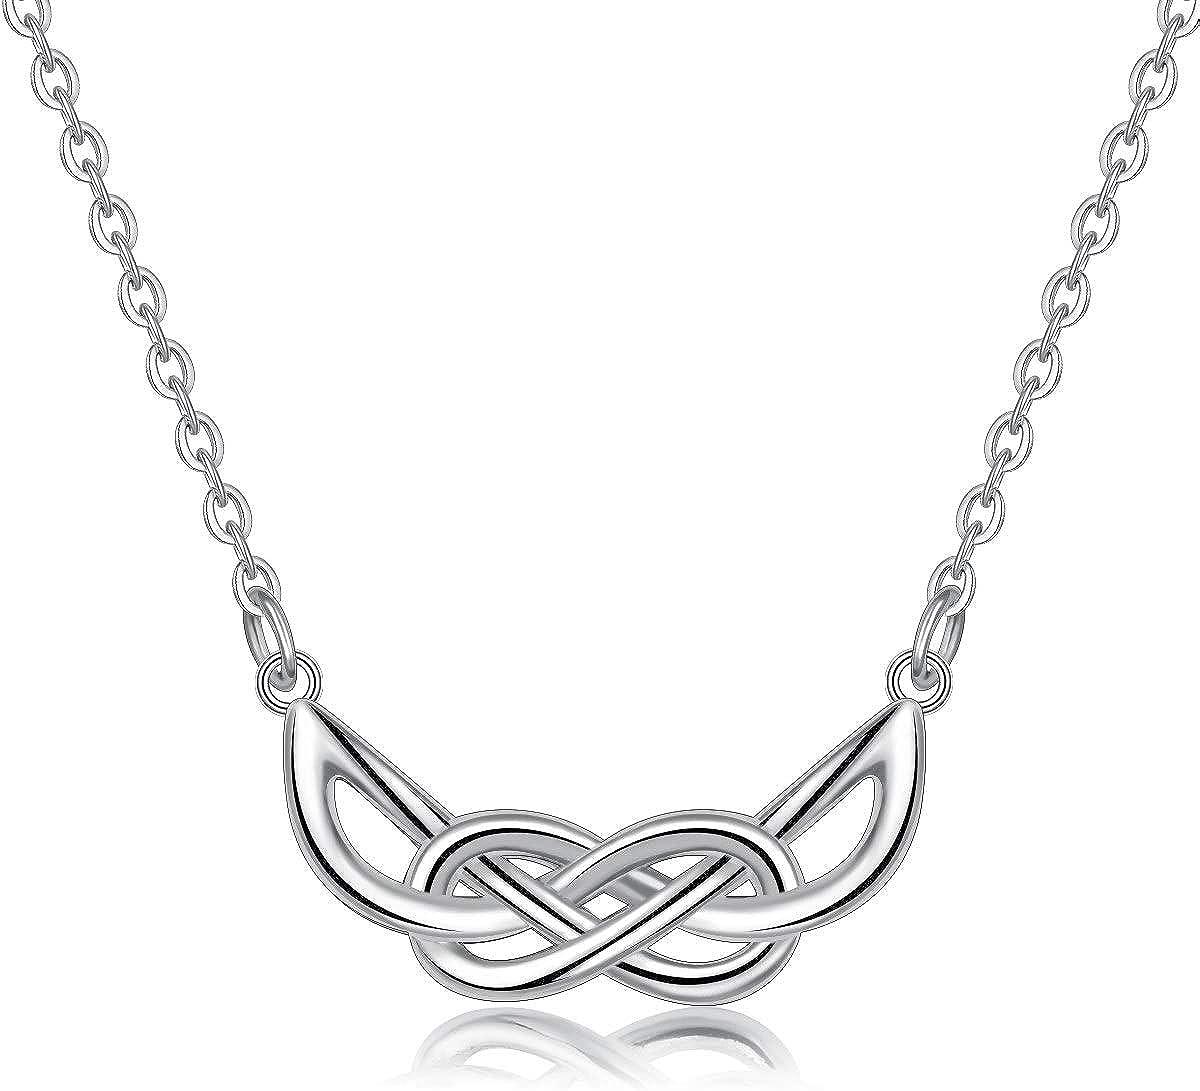 AEONSLOVE Collar de plata de ley con símbolo de infinito celta para mujer, colgante irlandés de amor sin fin de la suerte, regalo para esposa, mujer, madre, novia